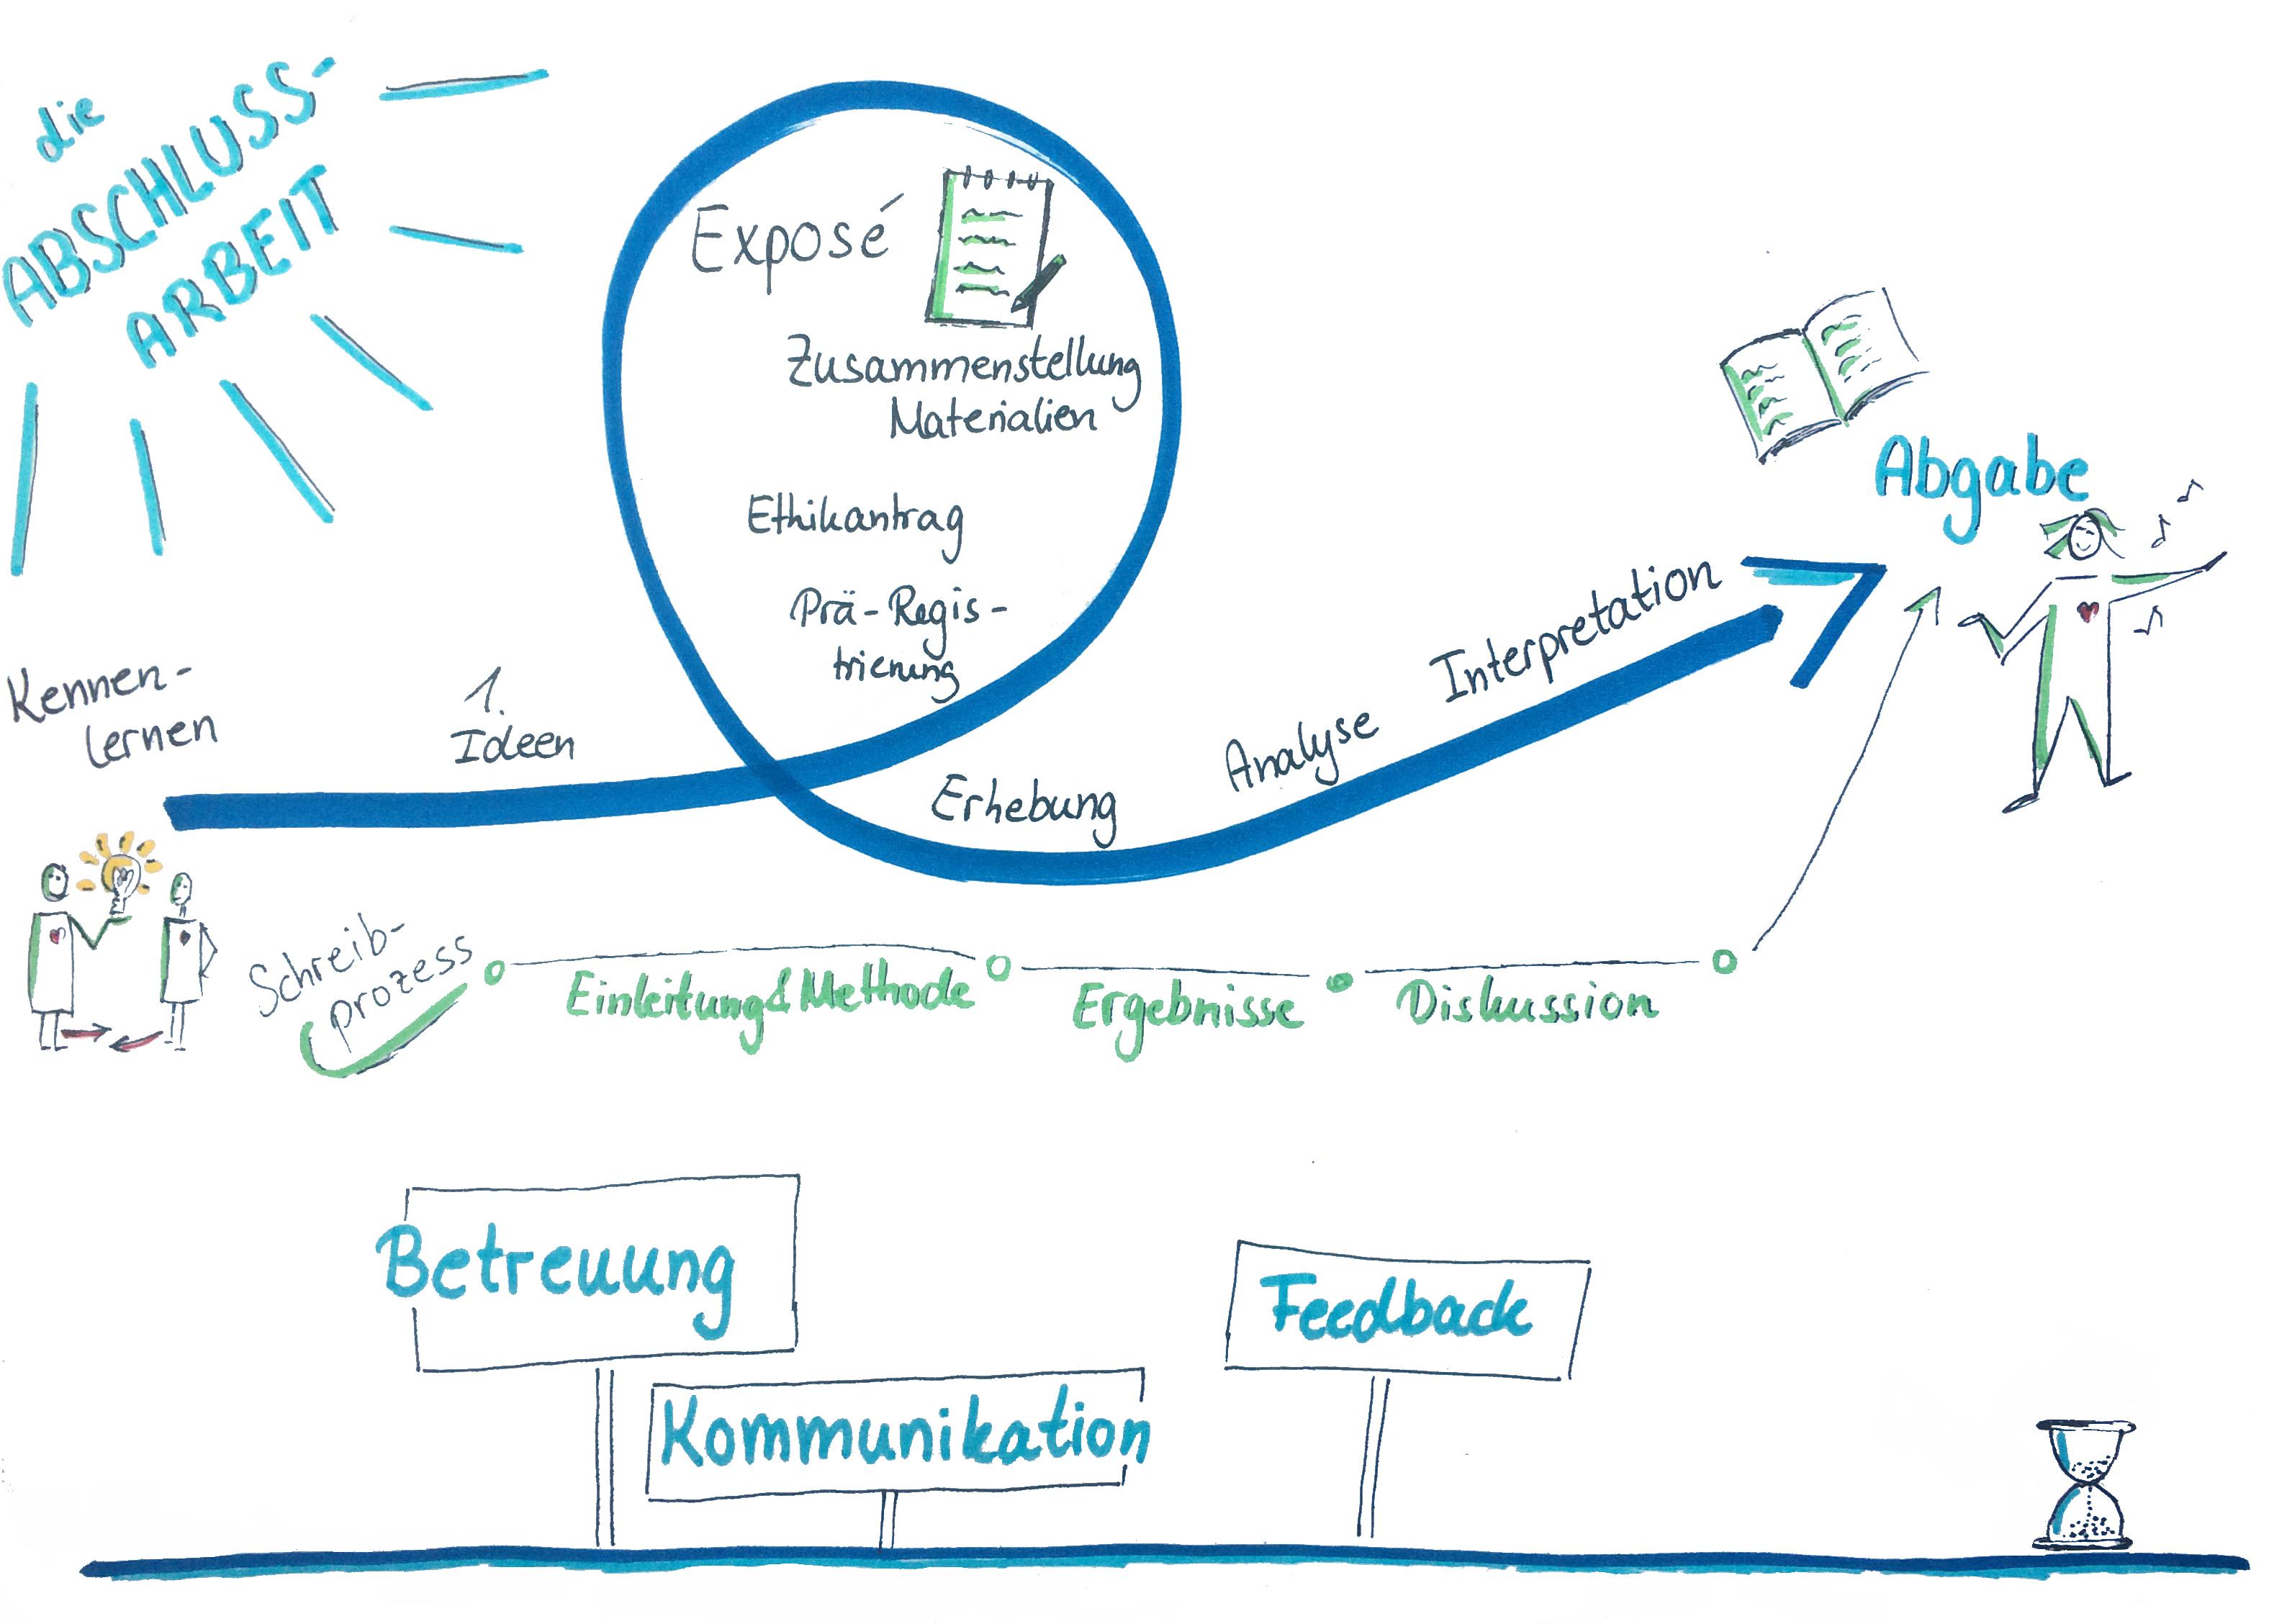 Hier sieht man eine Abbildung zum Prozess der Verfassung einer Abschlussarbeit.